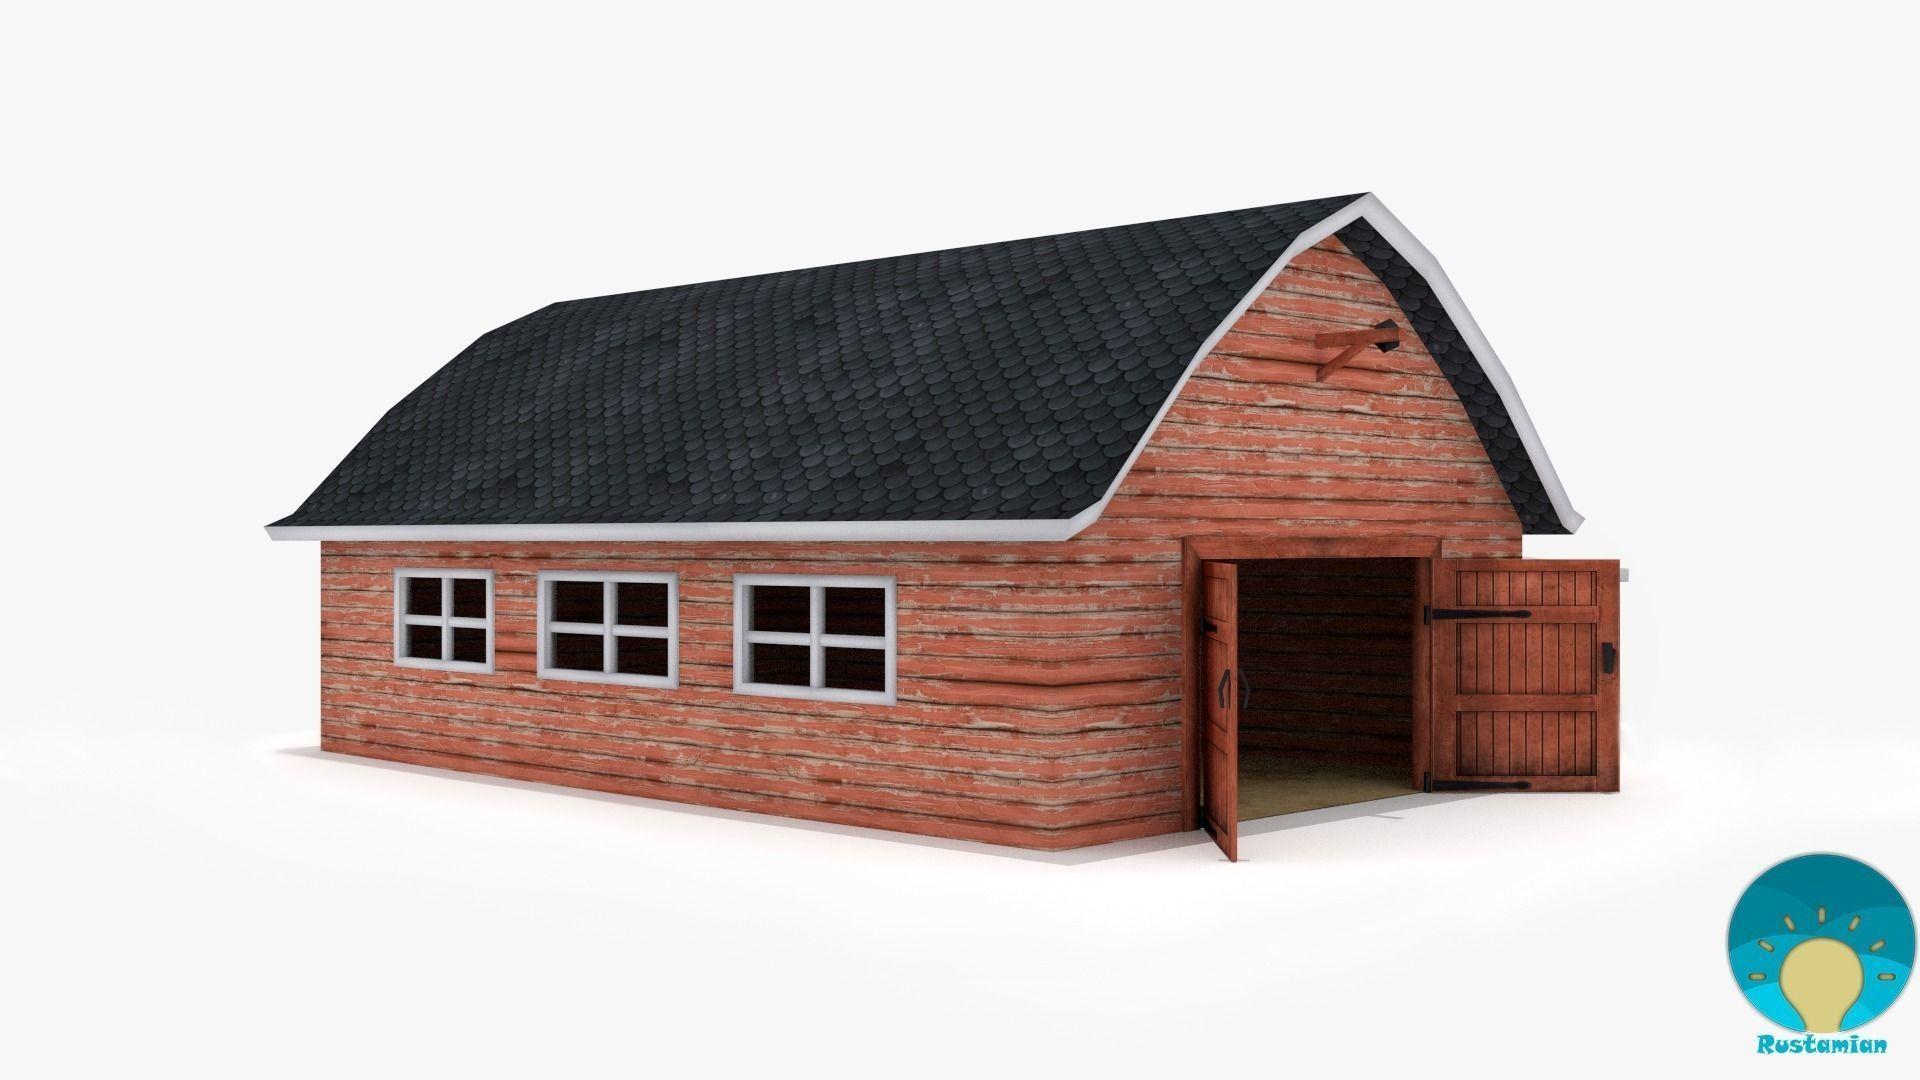 farm house 3d model low-poly max obj 3ds fbx blend dae PlusPng.com  - Farm House PNG HD